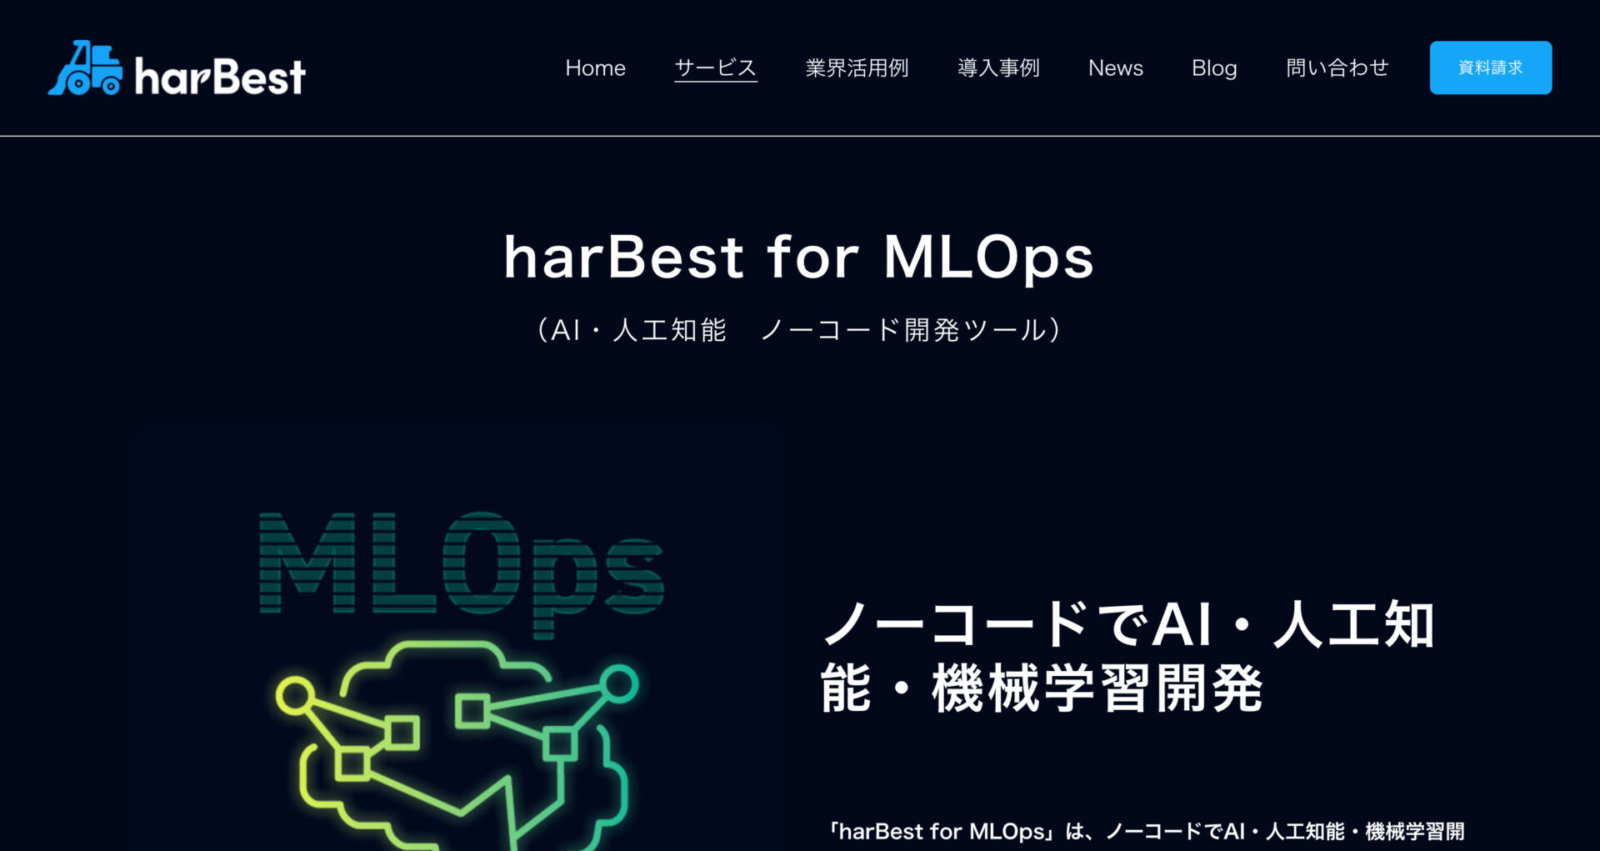 harBest for MLOps